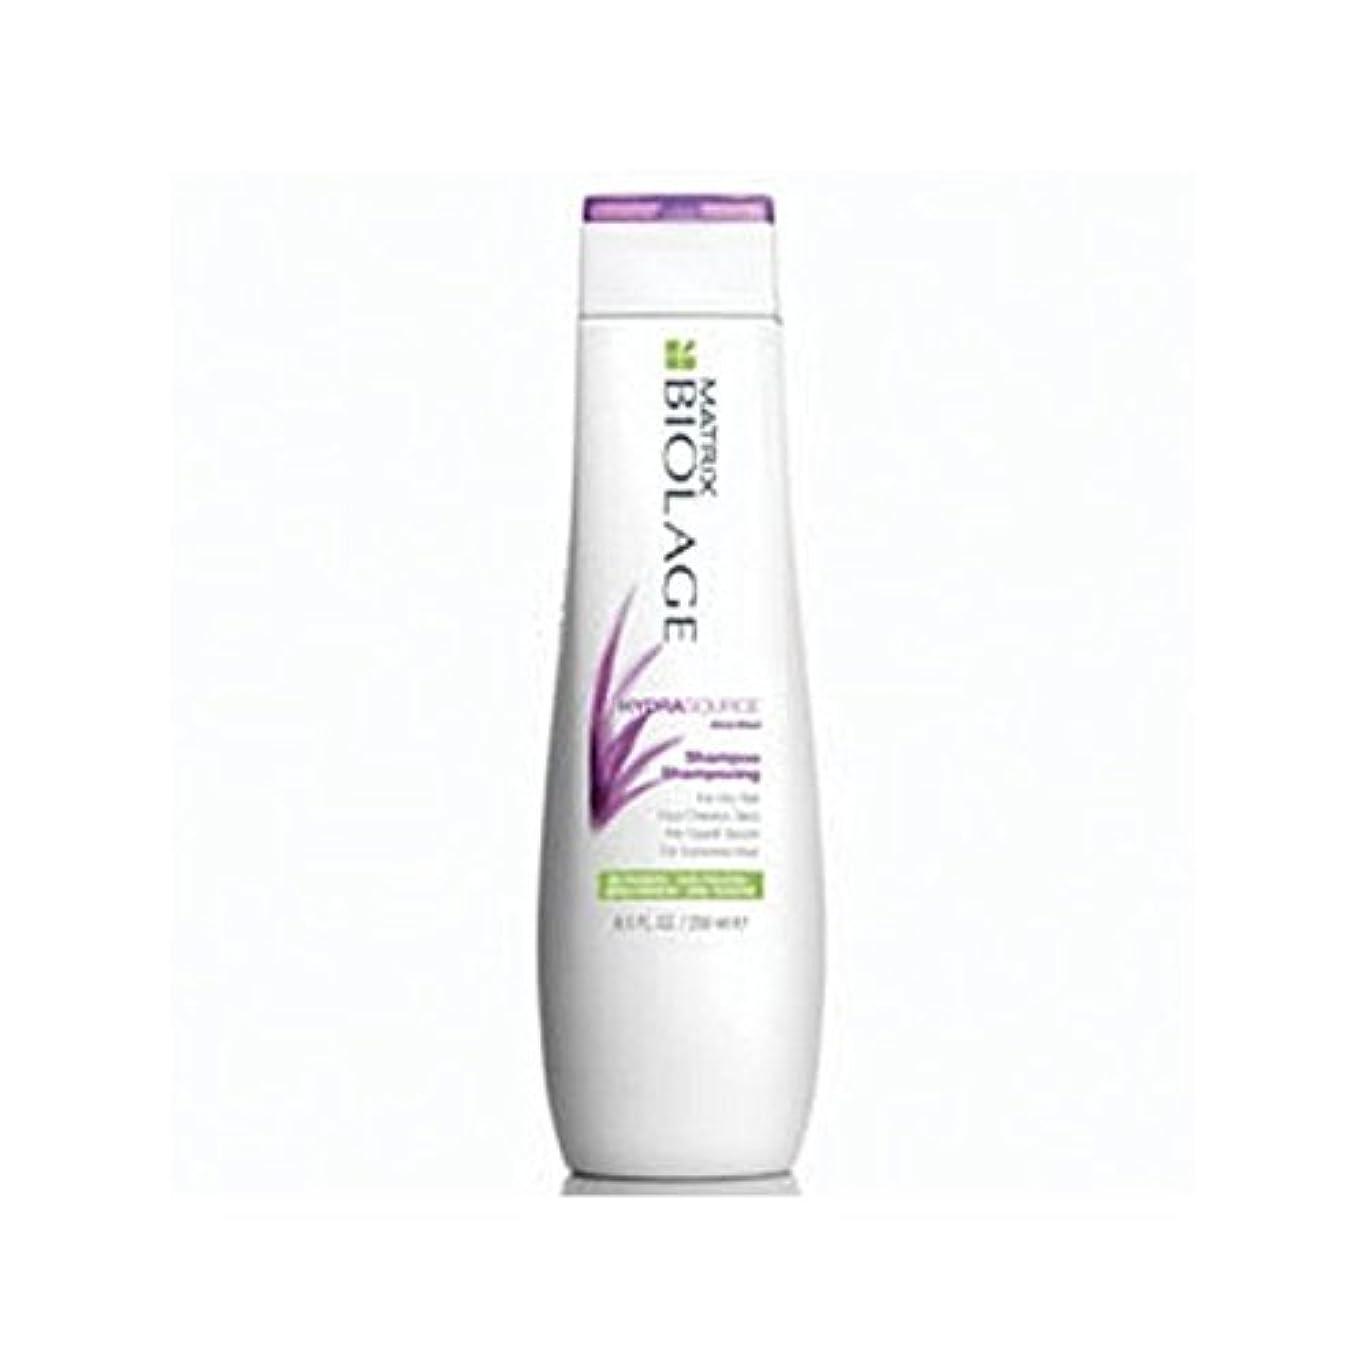 極小つづり精神医学Matrix Biolage Hydrasource Shampoo (250ml) - マトリックスバイオレイジのシャンプー(250ミリリットル) [並行輸入品]